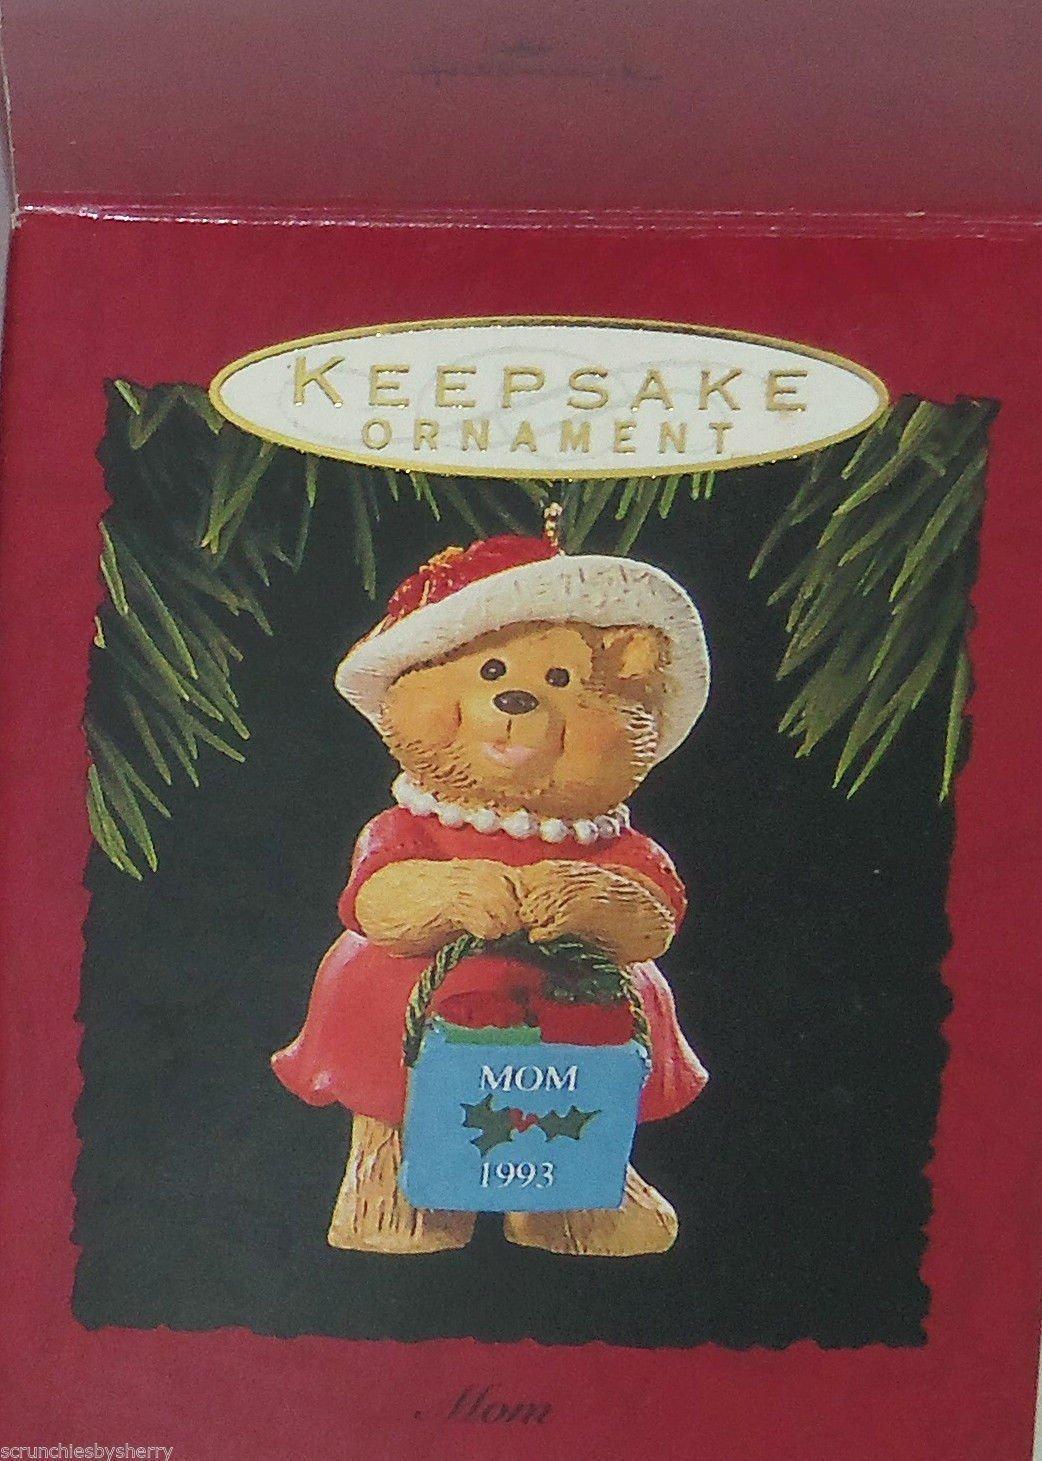 Hallmark Ornament Mom 1993 Christmas Holiday Teddy Bear